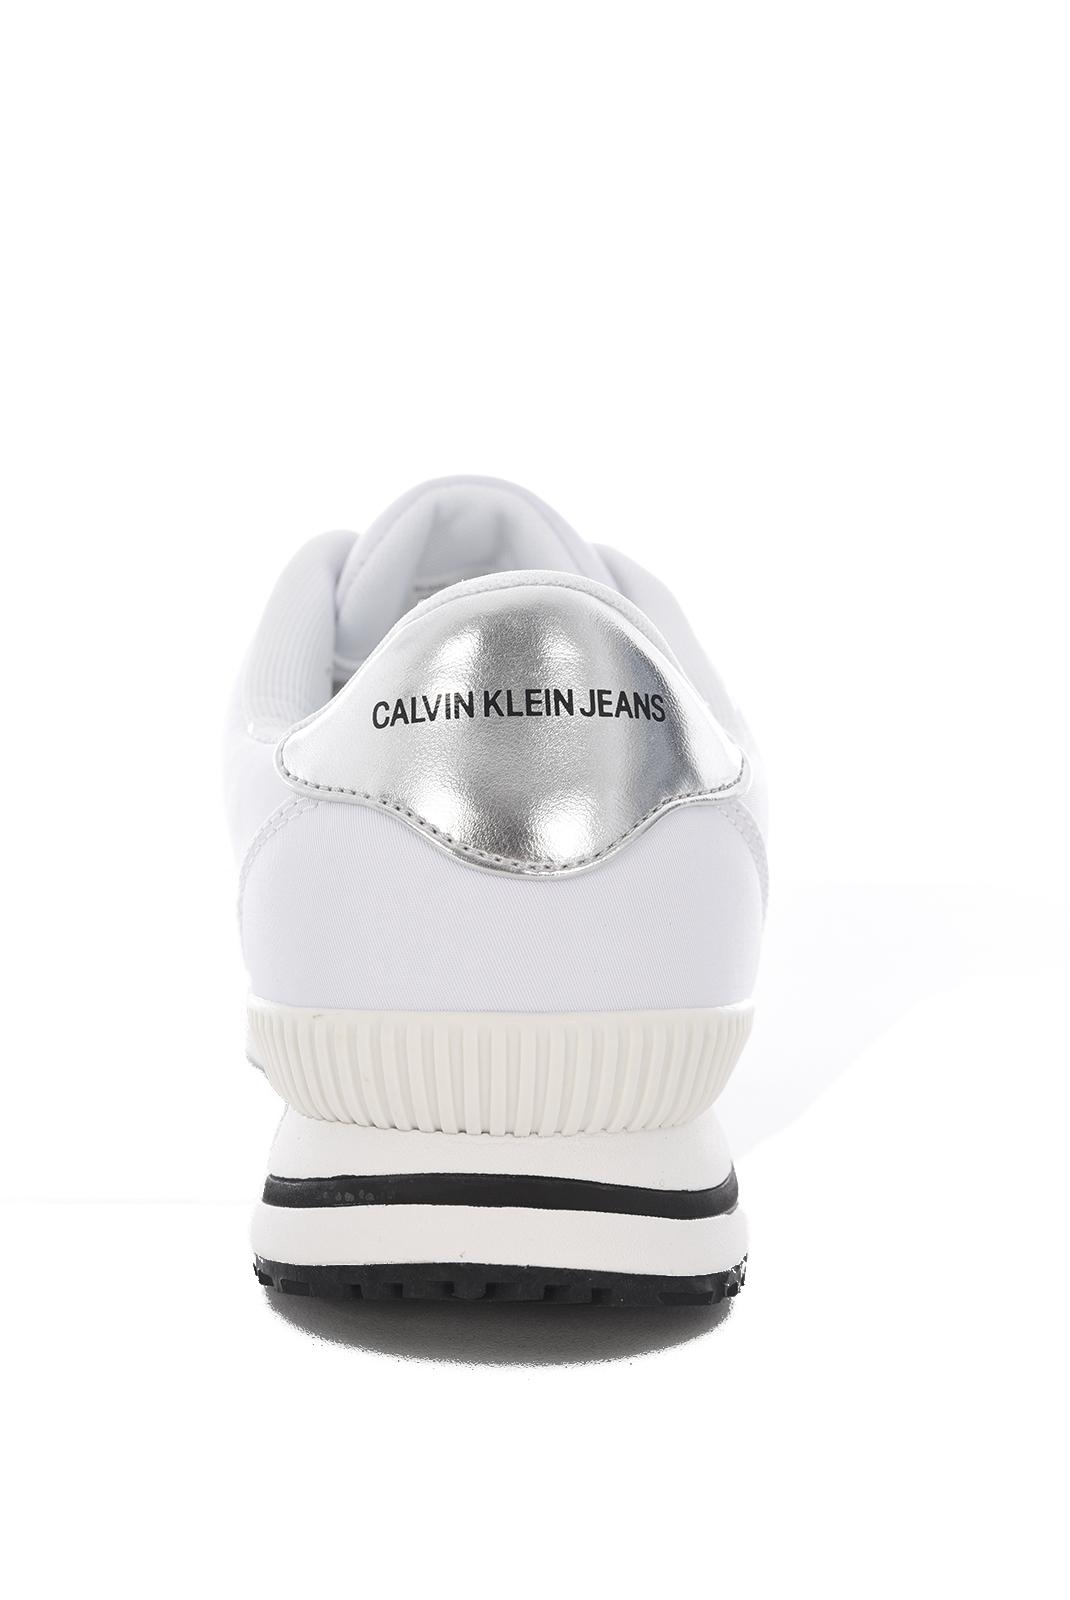 Baskets / Sneakers  Calvin klein ELWIN NYLON WHITE/SILVER